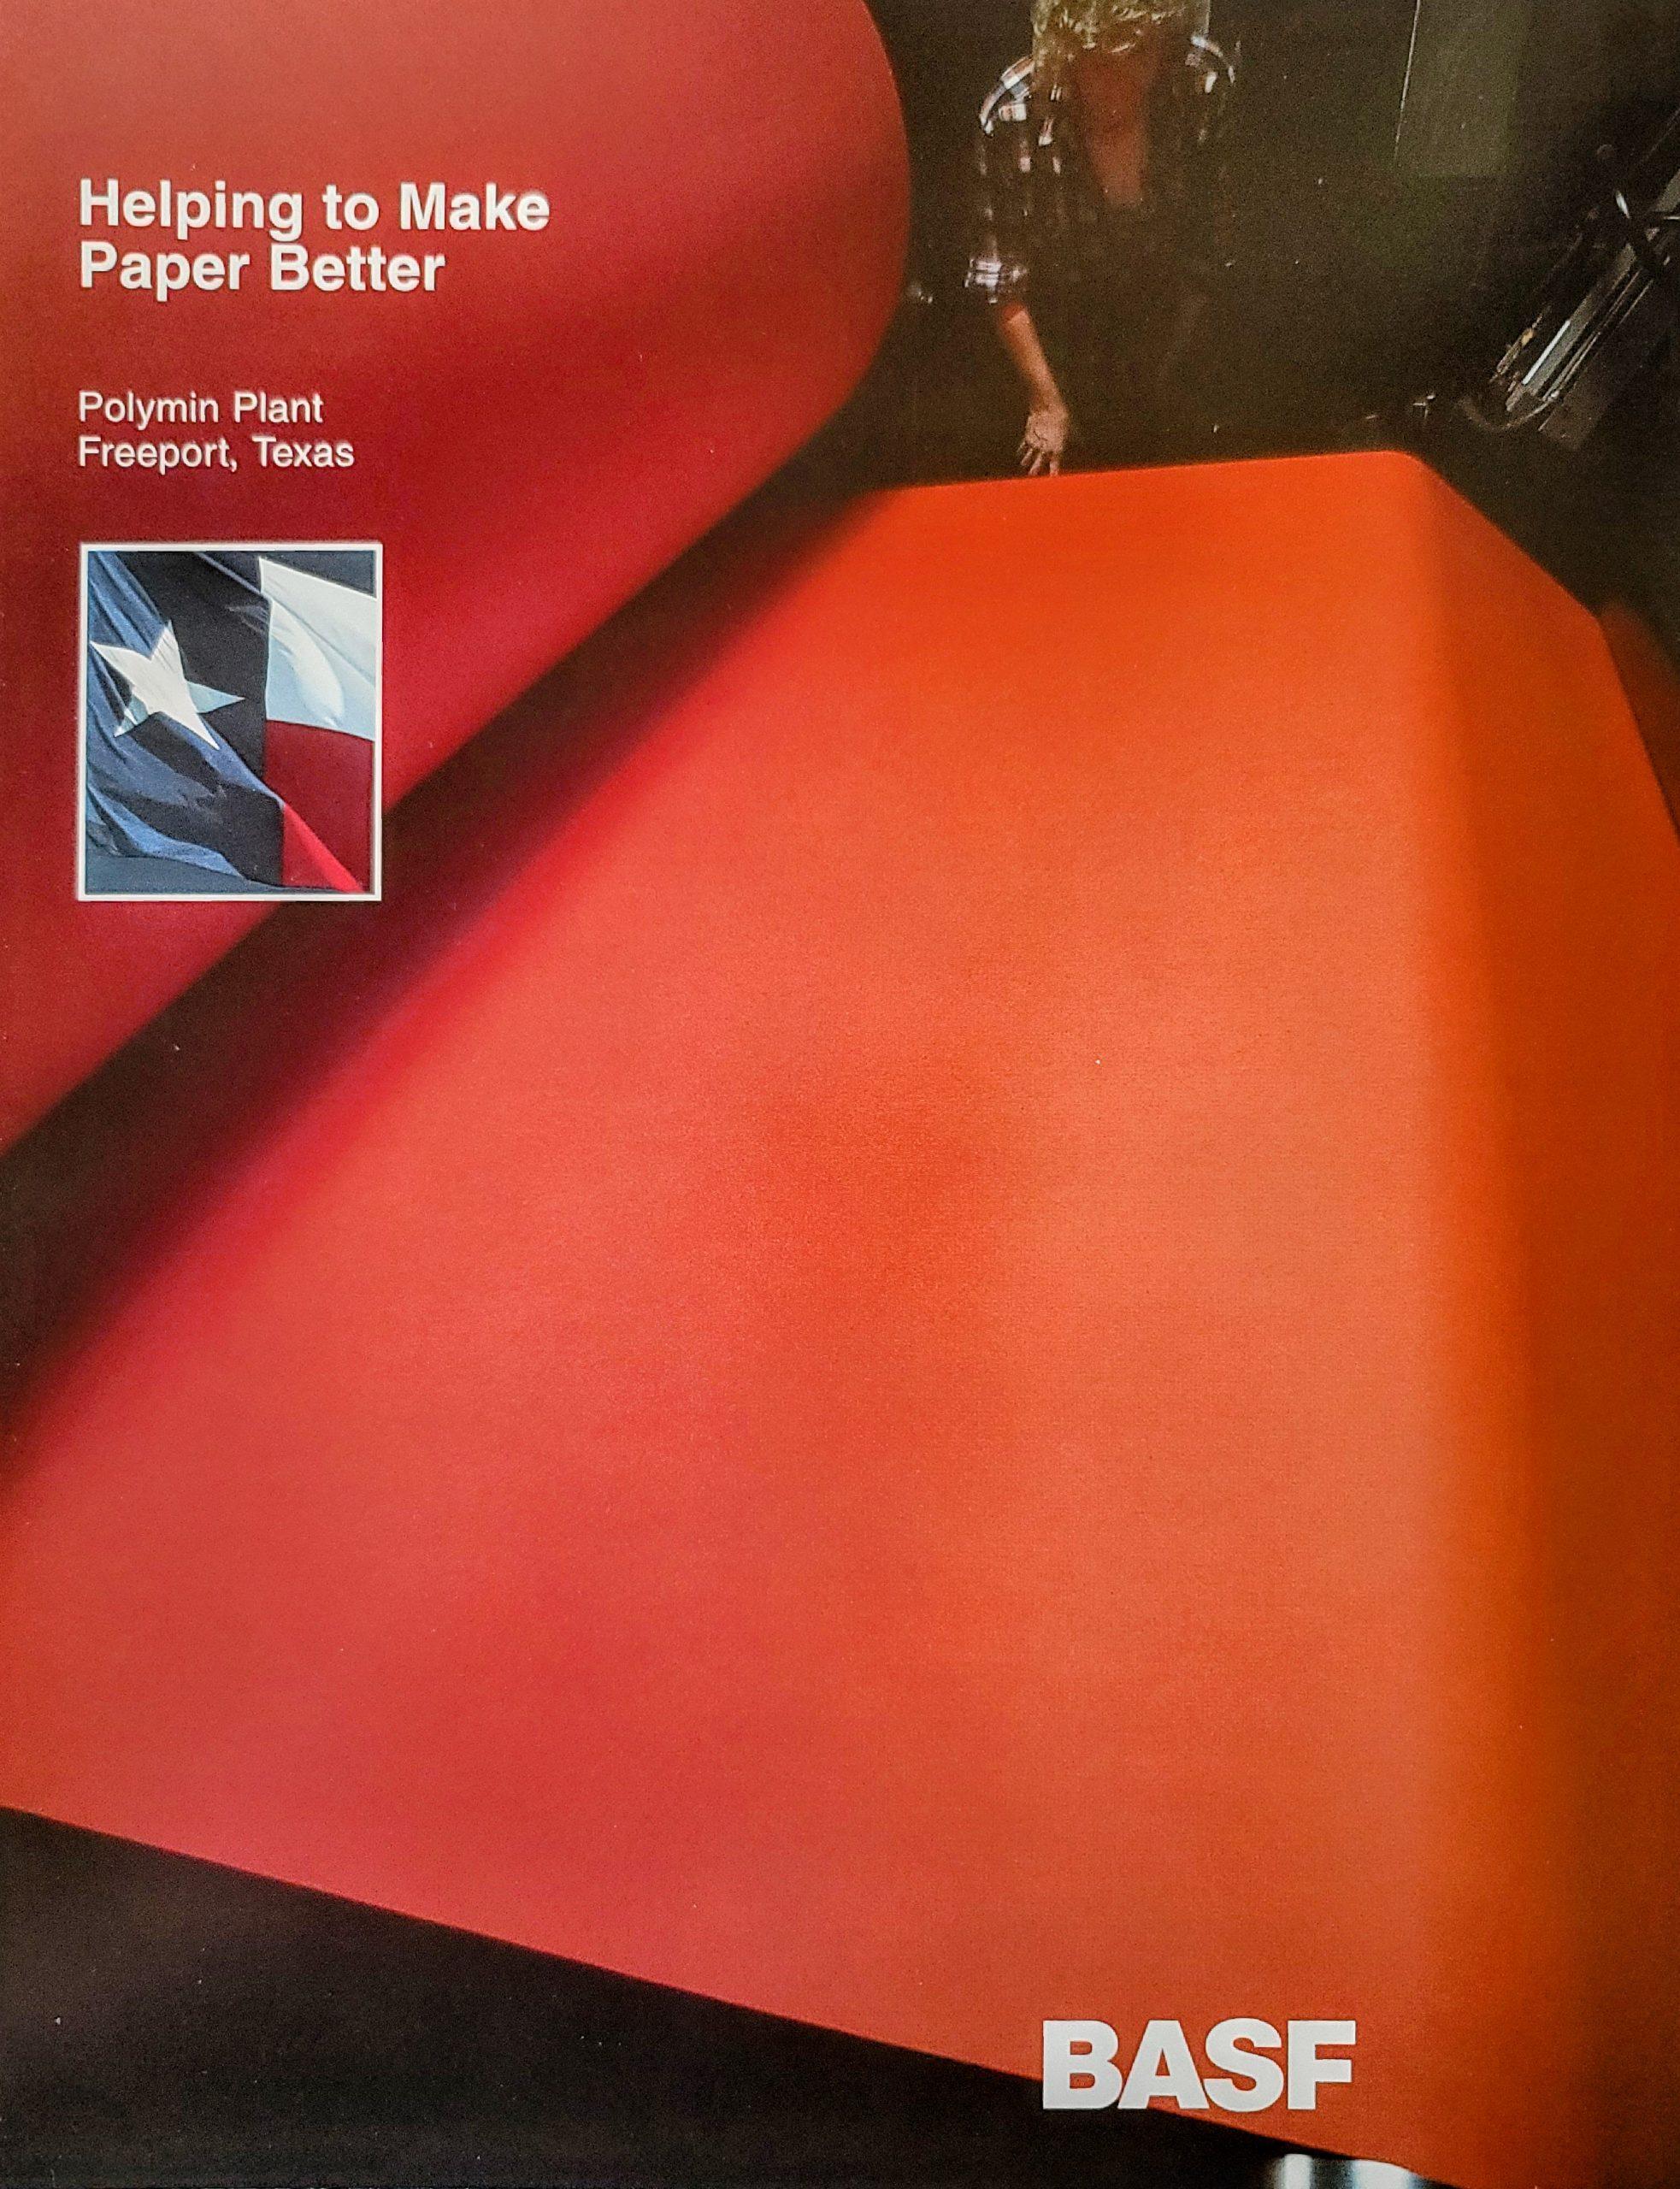 basf_paper_brochure_11